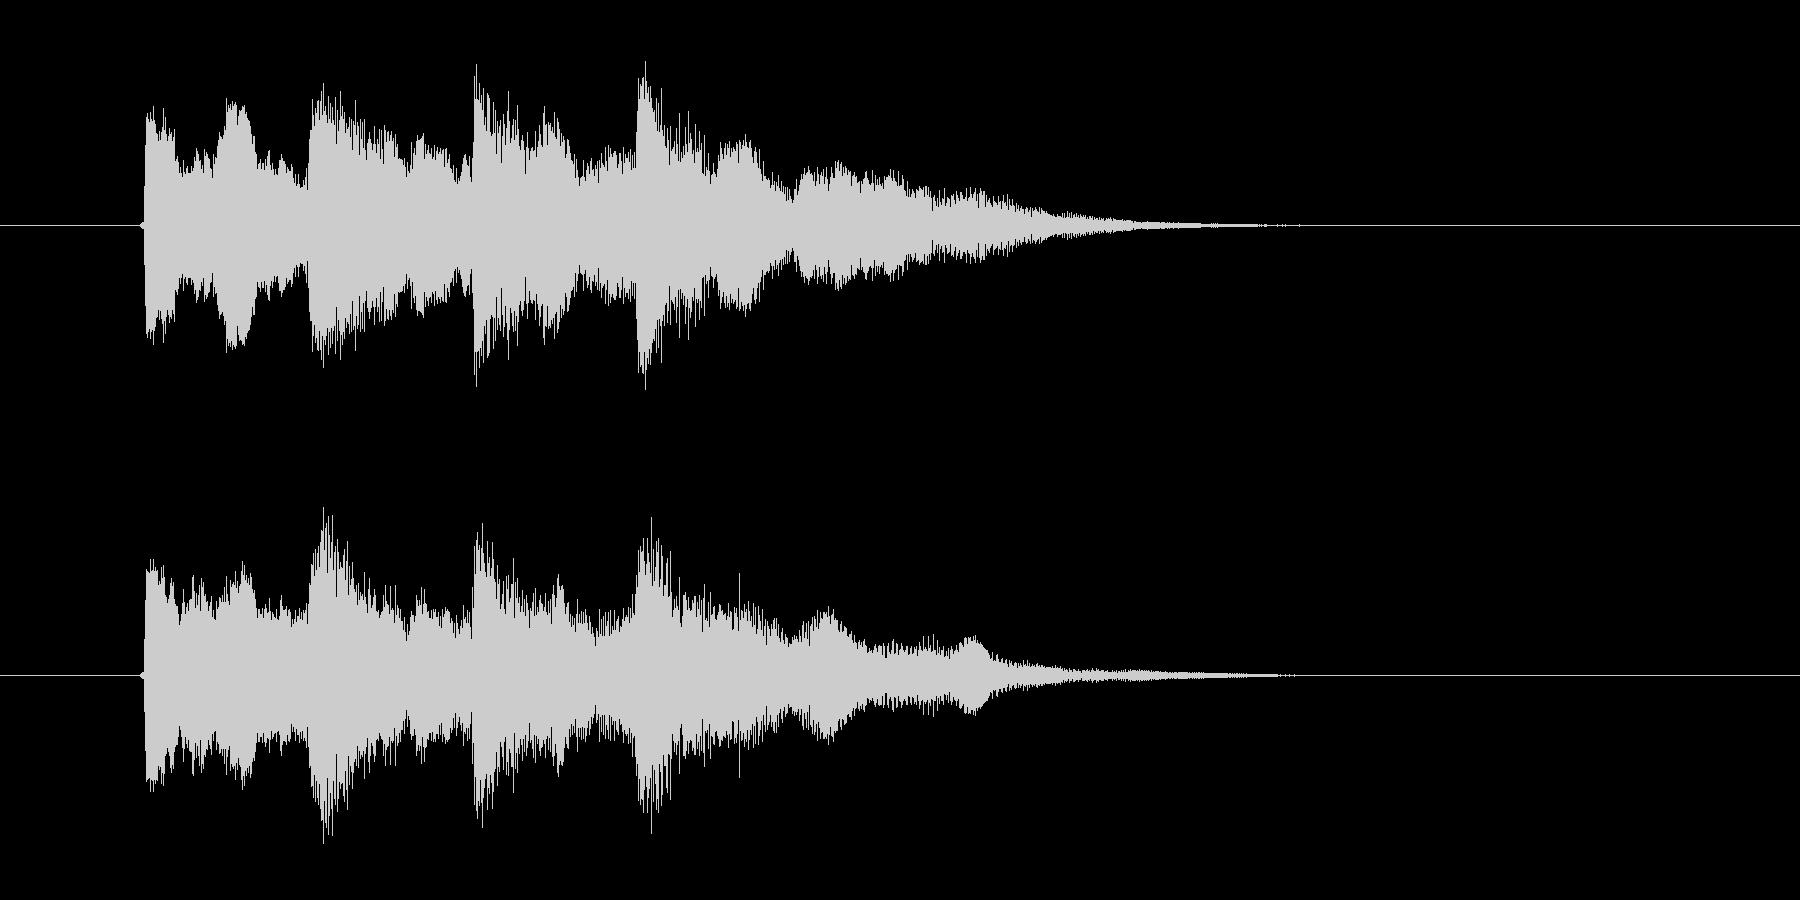 キンコンカンコン(チャイム)の未再生の波形